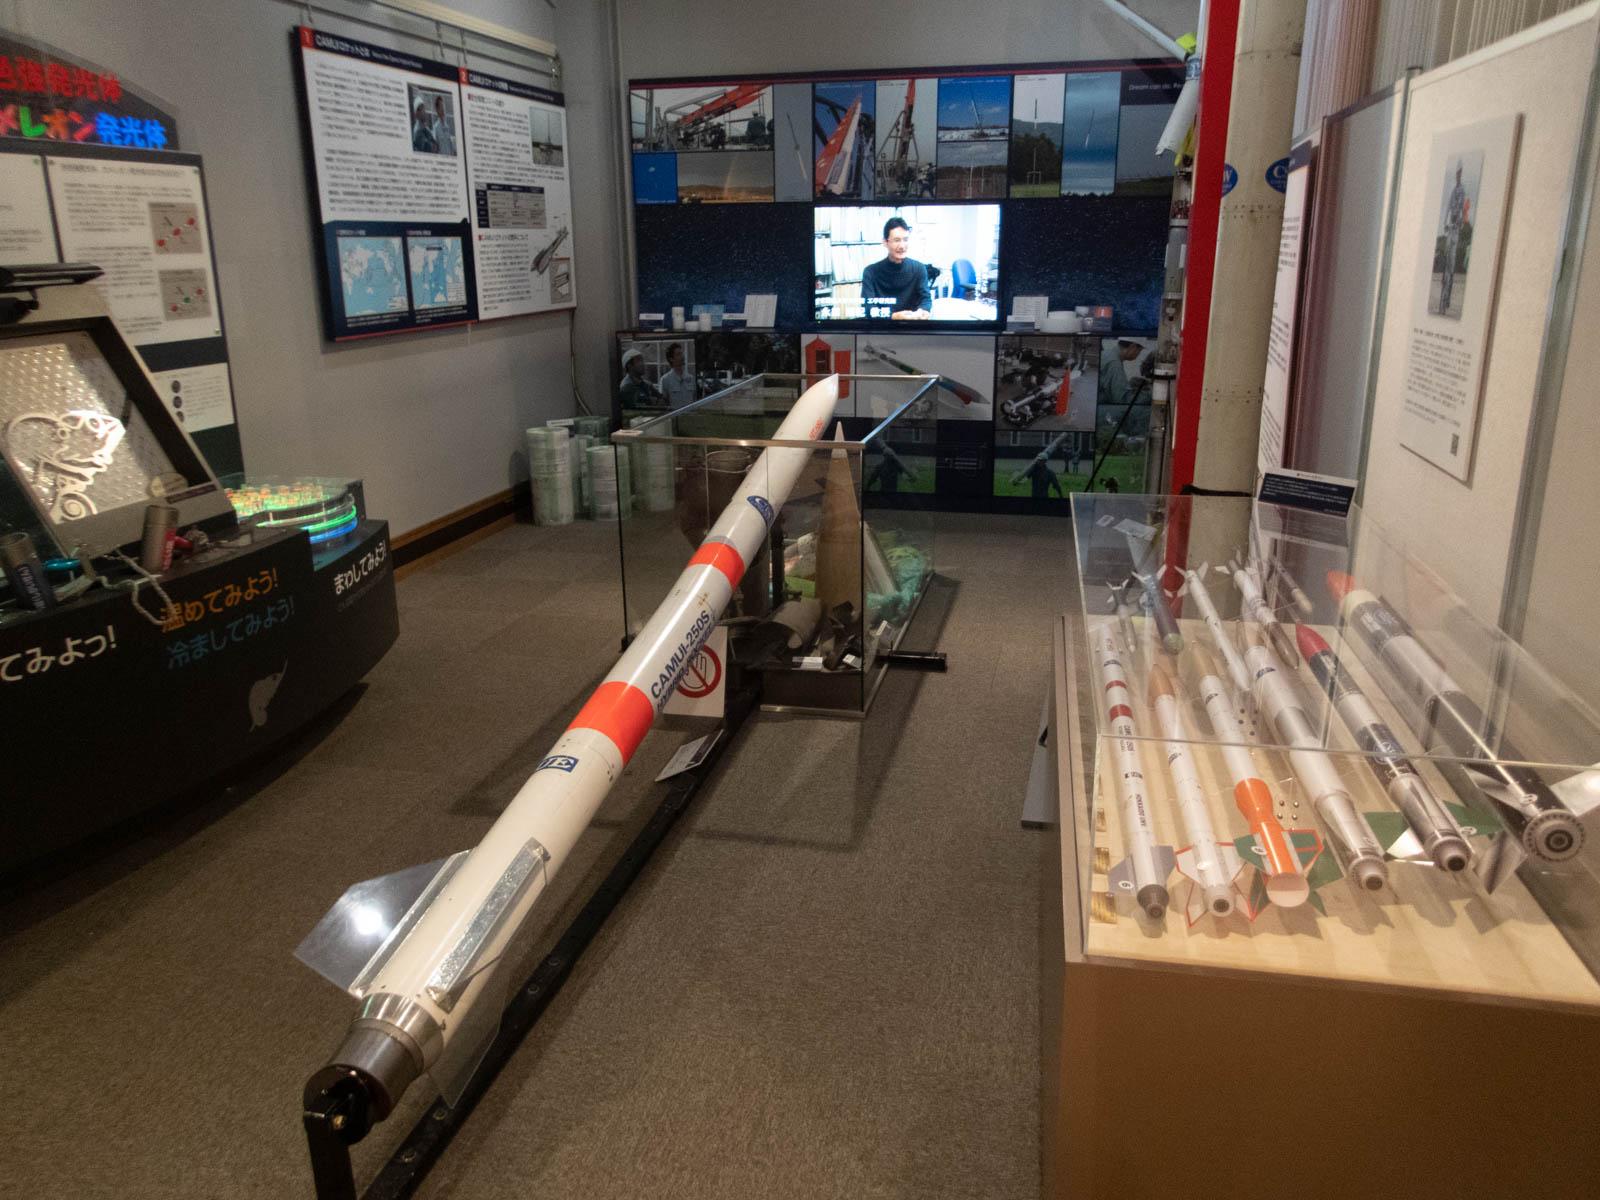 これはロケット関係の資料室